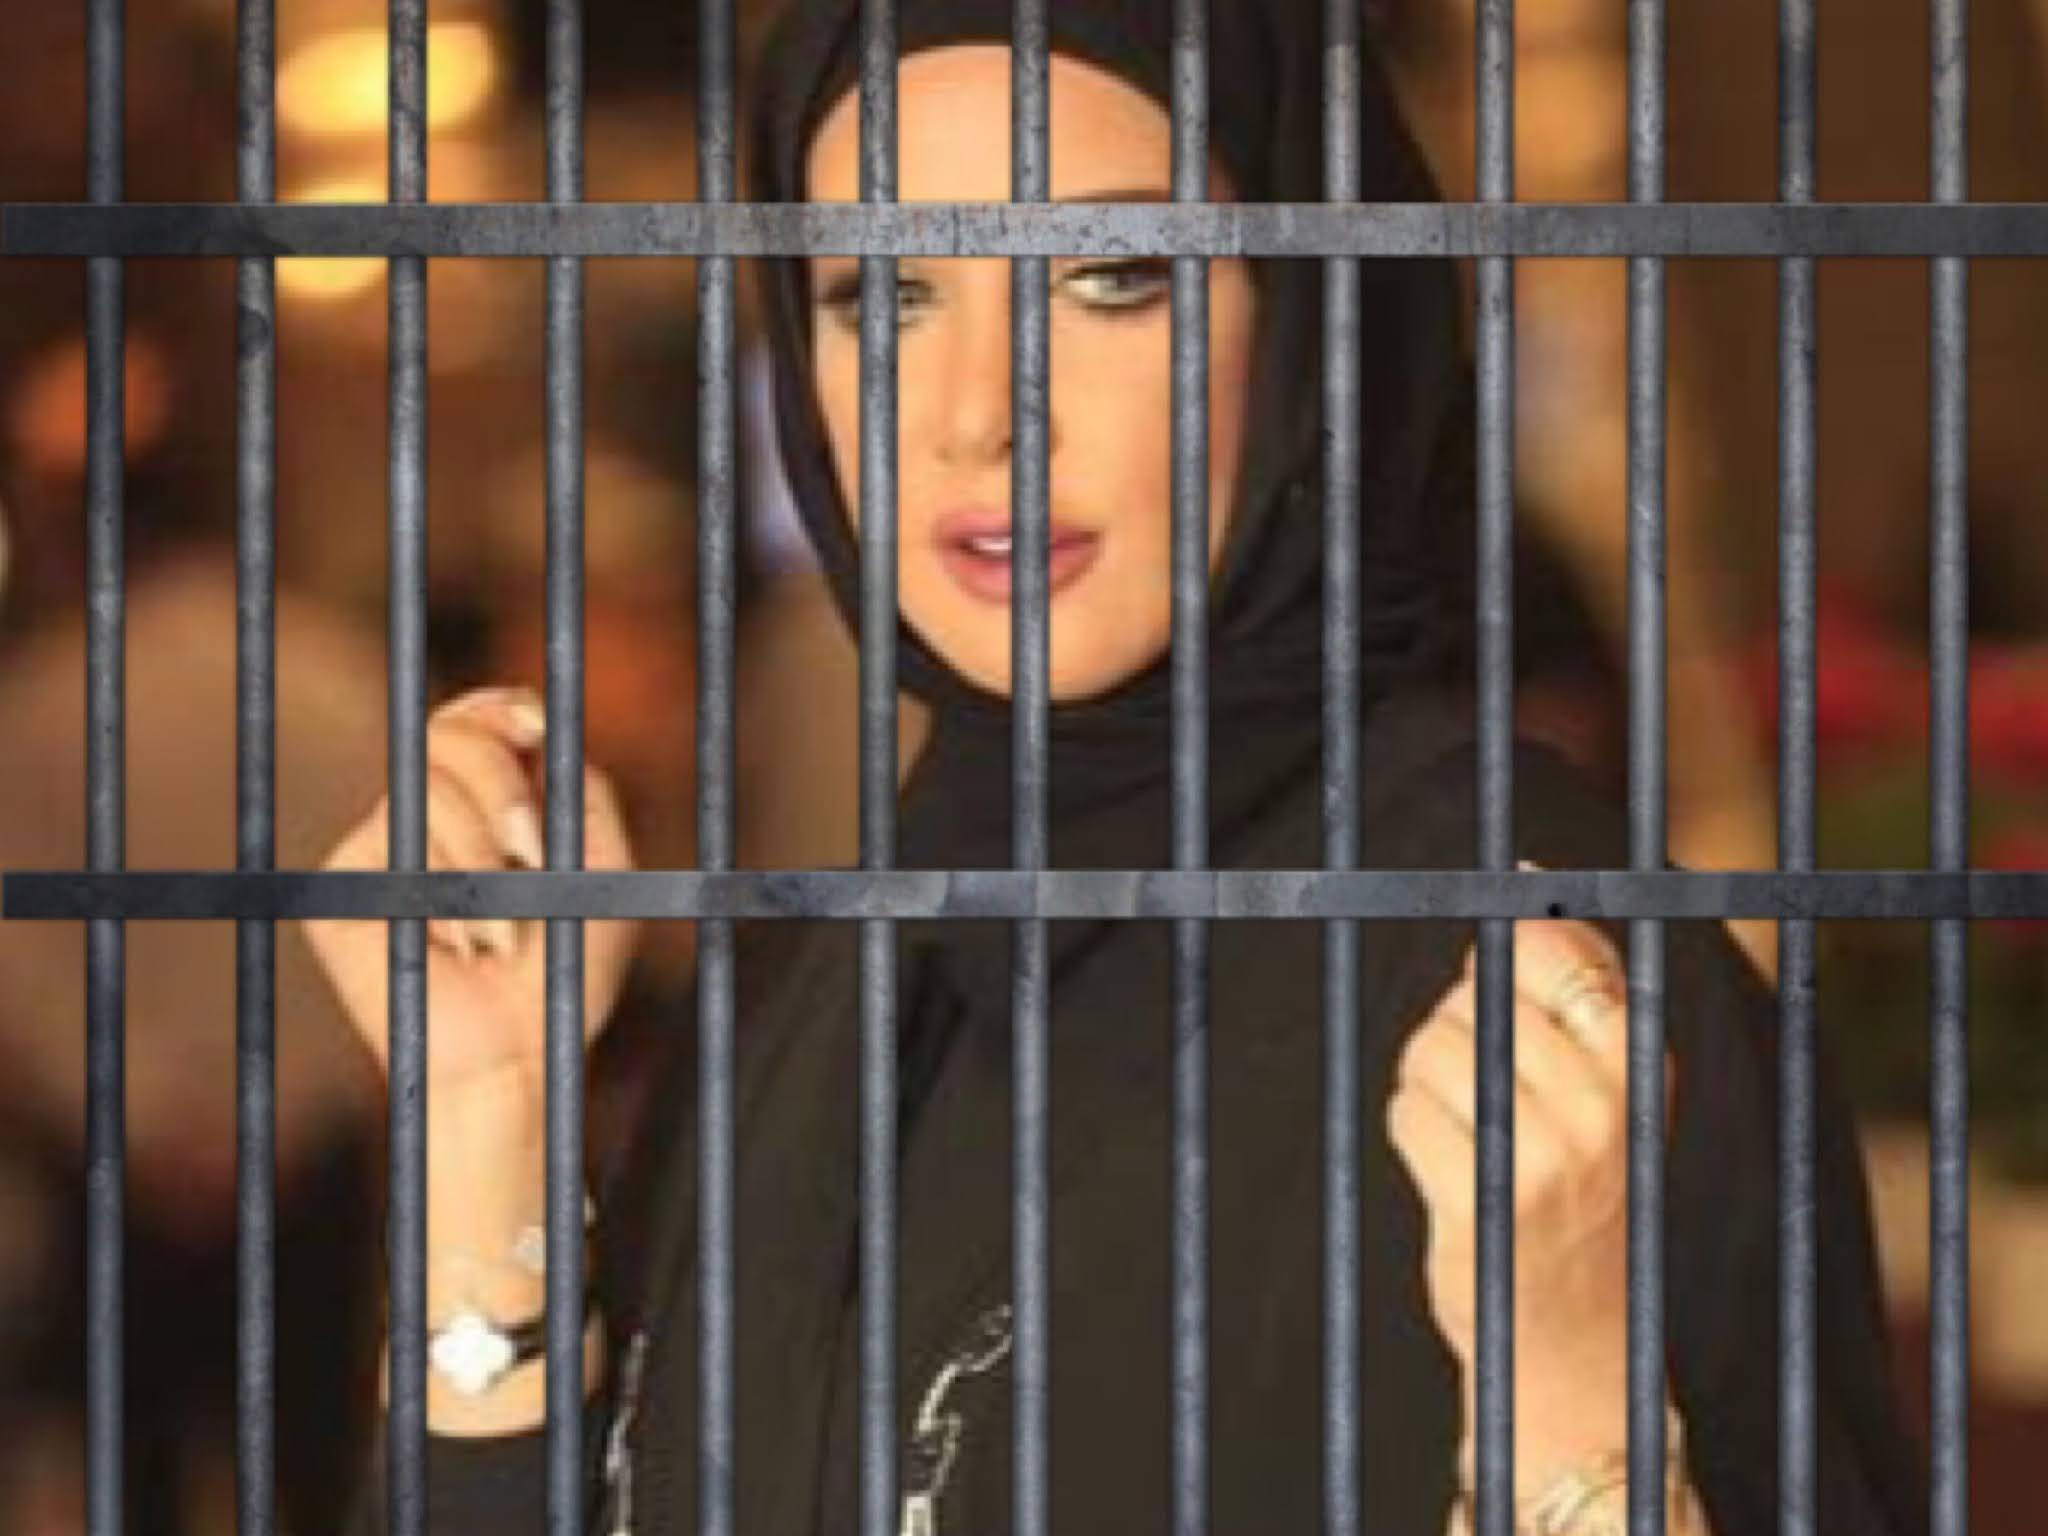 حبس الفاشنيستا الكويتية جمال النجادة لمدة عام وهذا هو السبب..